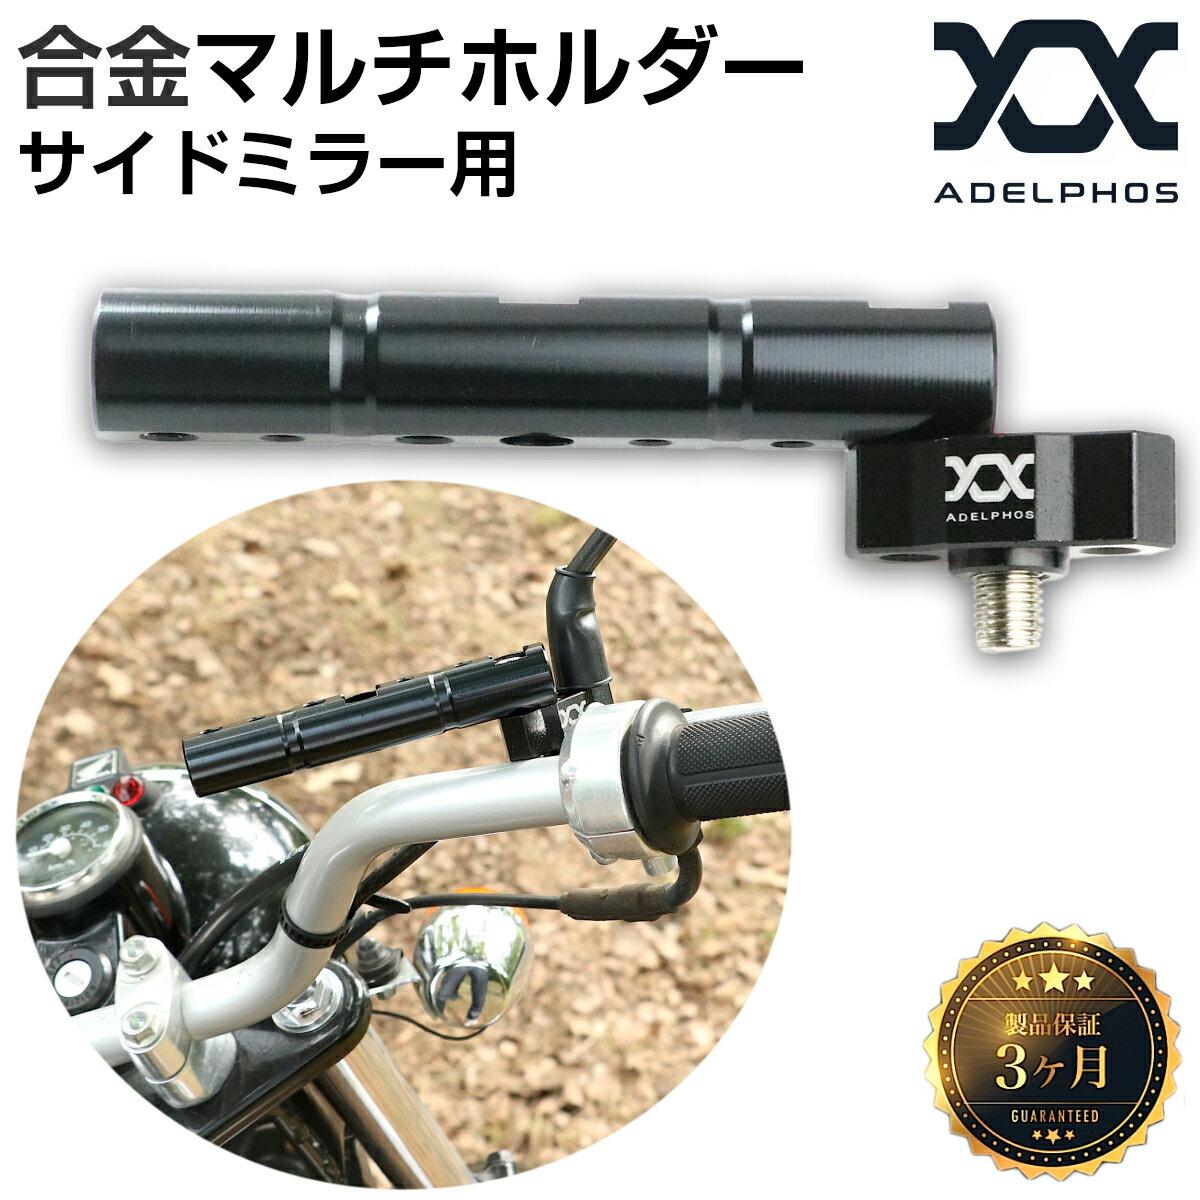 マルチバー ネジ径8mm/10mm対応 サイドミラーに固定 バイクハンドル クランプバー マウント ステー ホルダー 延長 バイク ステム サイドミラー スマホホルダー ハーレー ステムクランプ ツーリング マルチステー ハンドルバー 汎用 ミラー ADELPHOS-ST